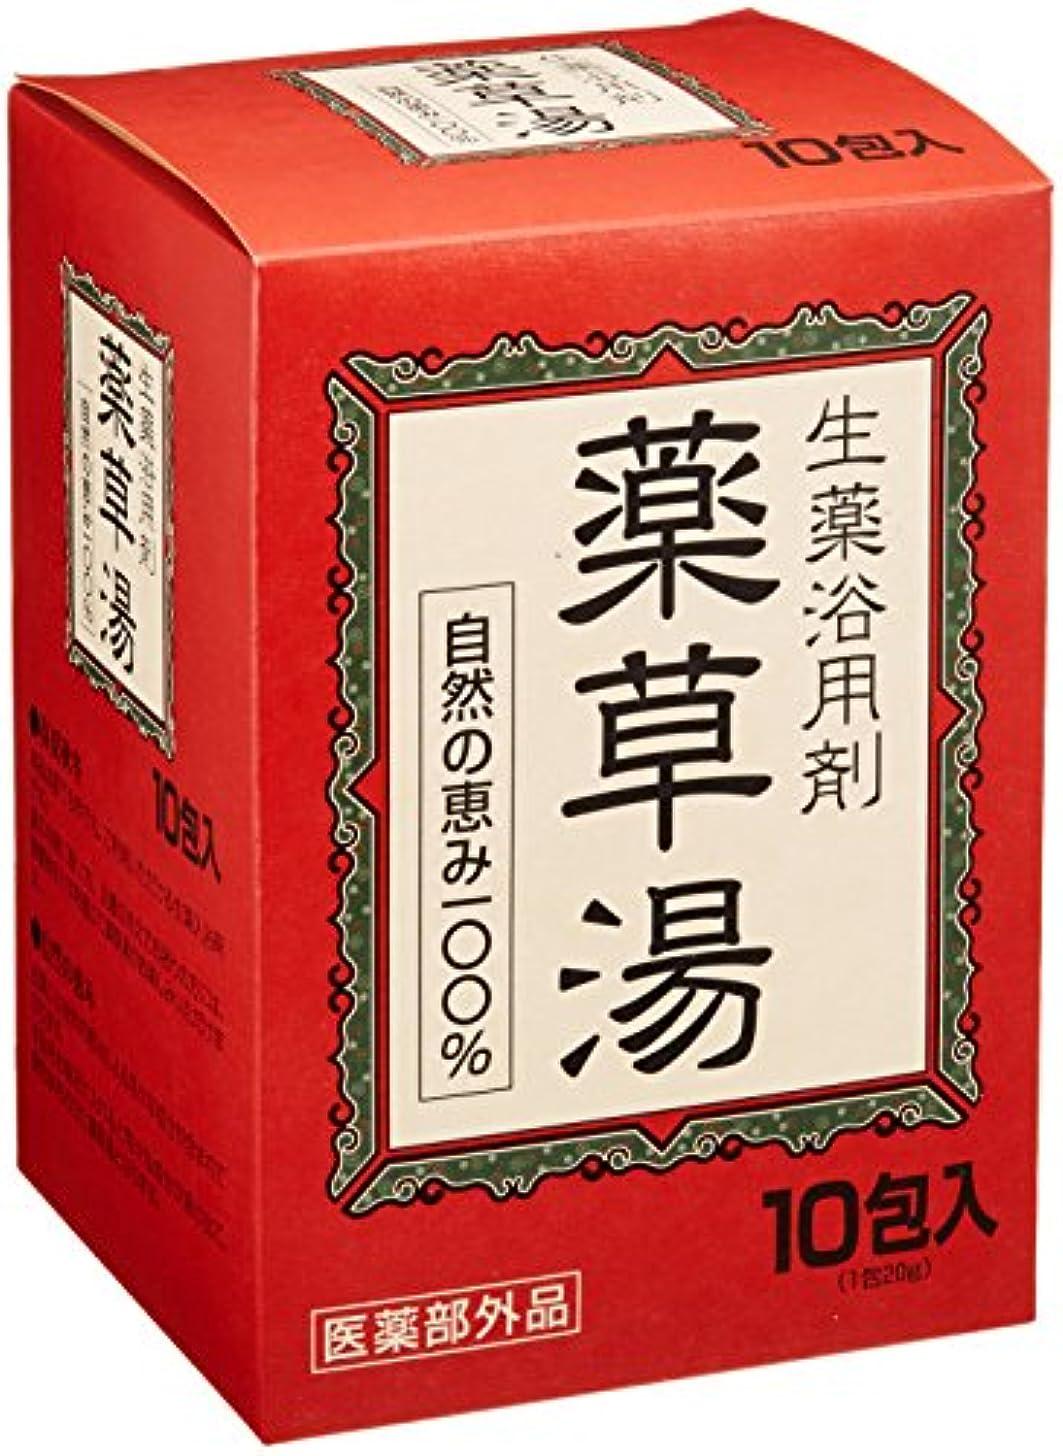 圧倒するポータブル愛撫生薬浴用剤 薬草湯 10包